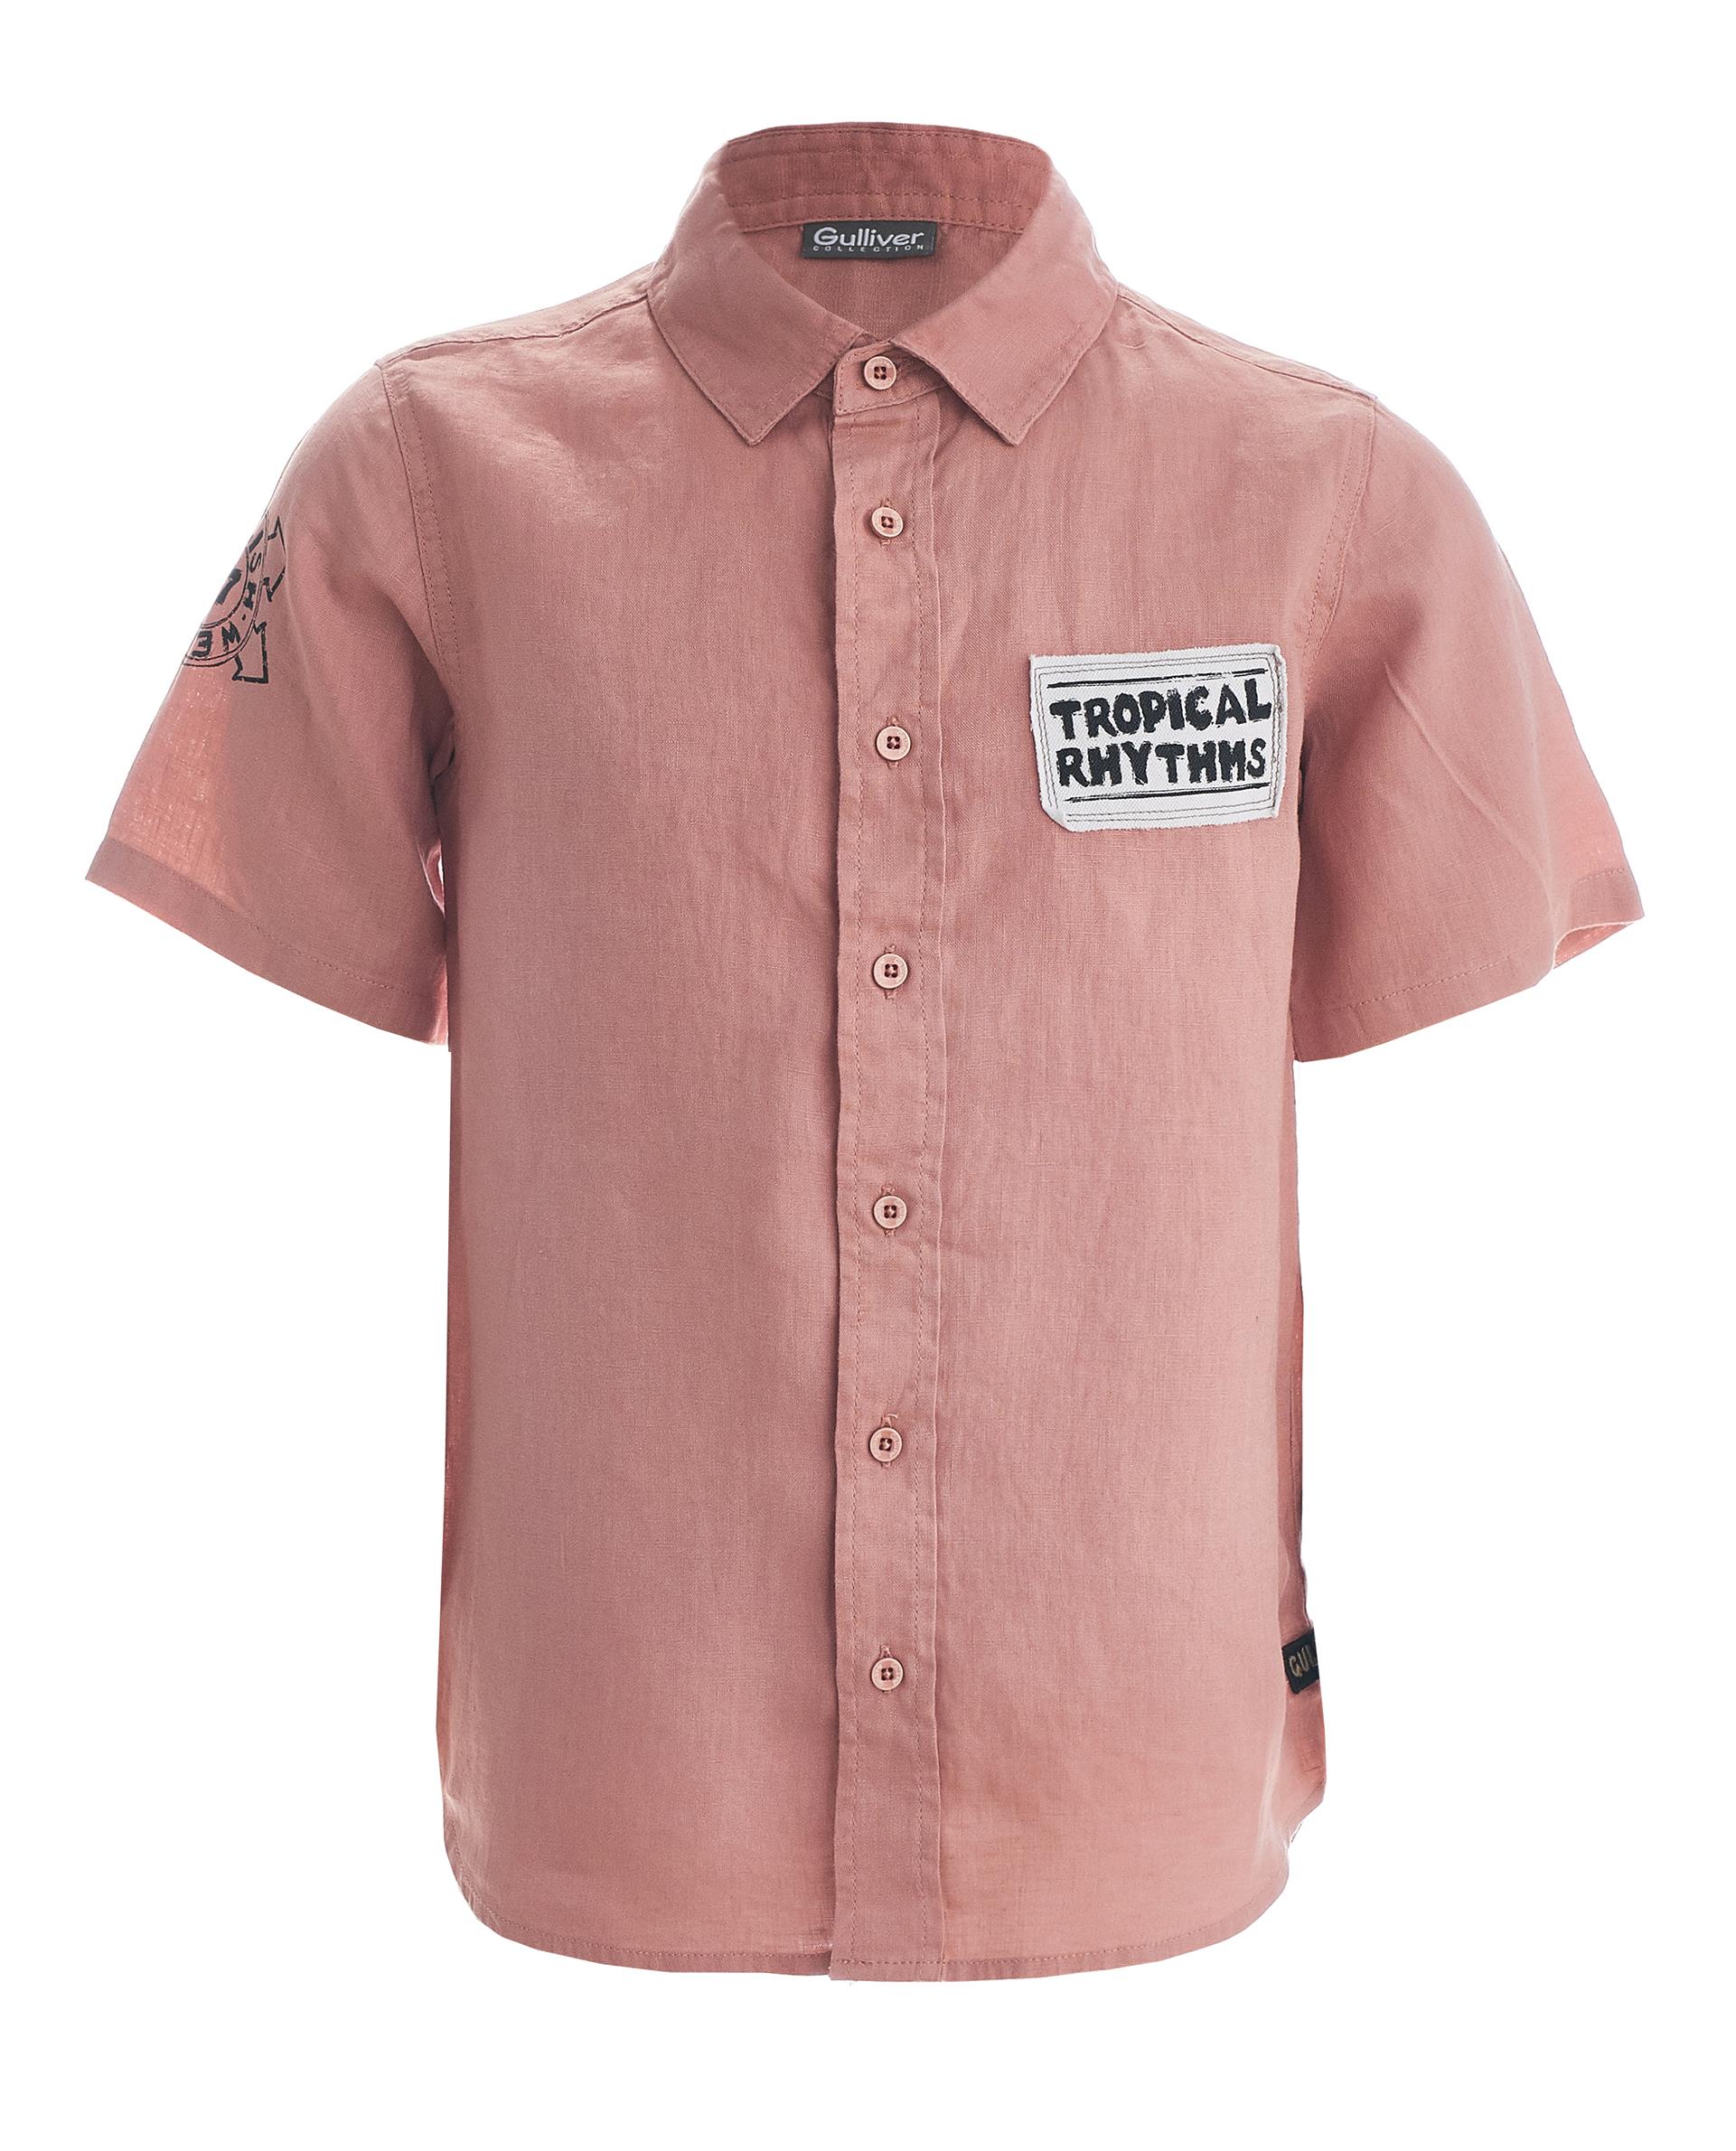 Купить 11911BJC2302, Розовая рубашка с коротким рукавом Gulliver, розовый, 134, Мужской, ВЕСНА/ЛЕТО 2019 (shop: GulliverMarket Gulliver Market)